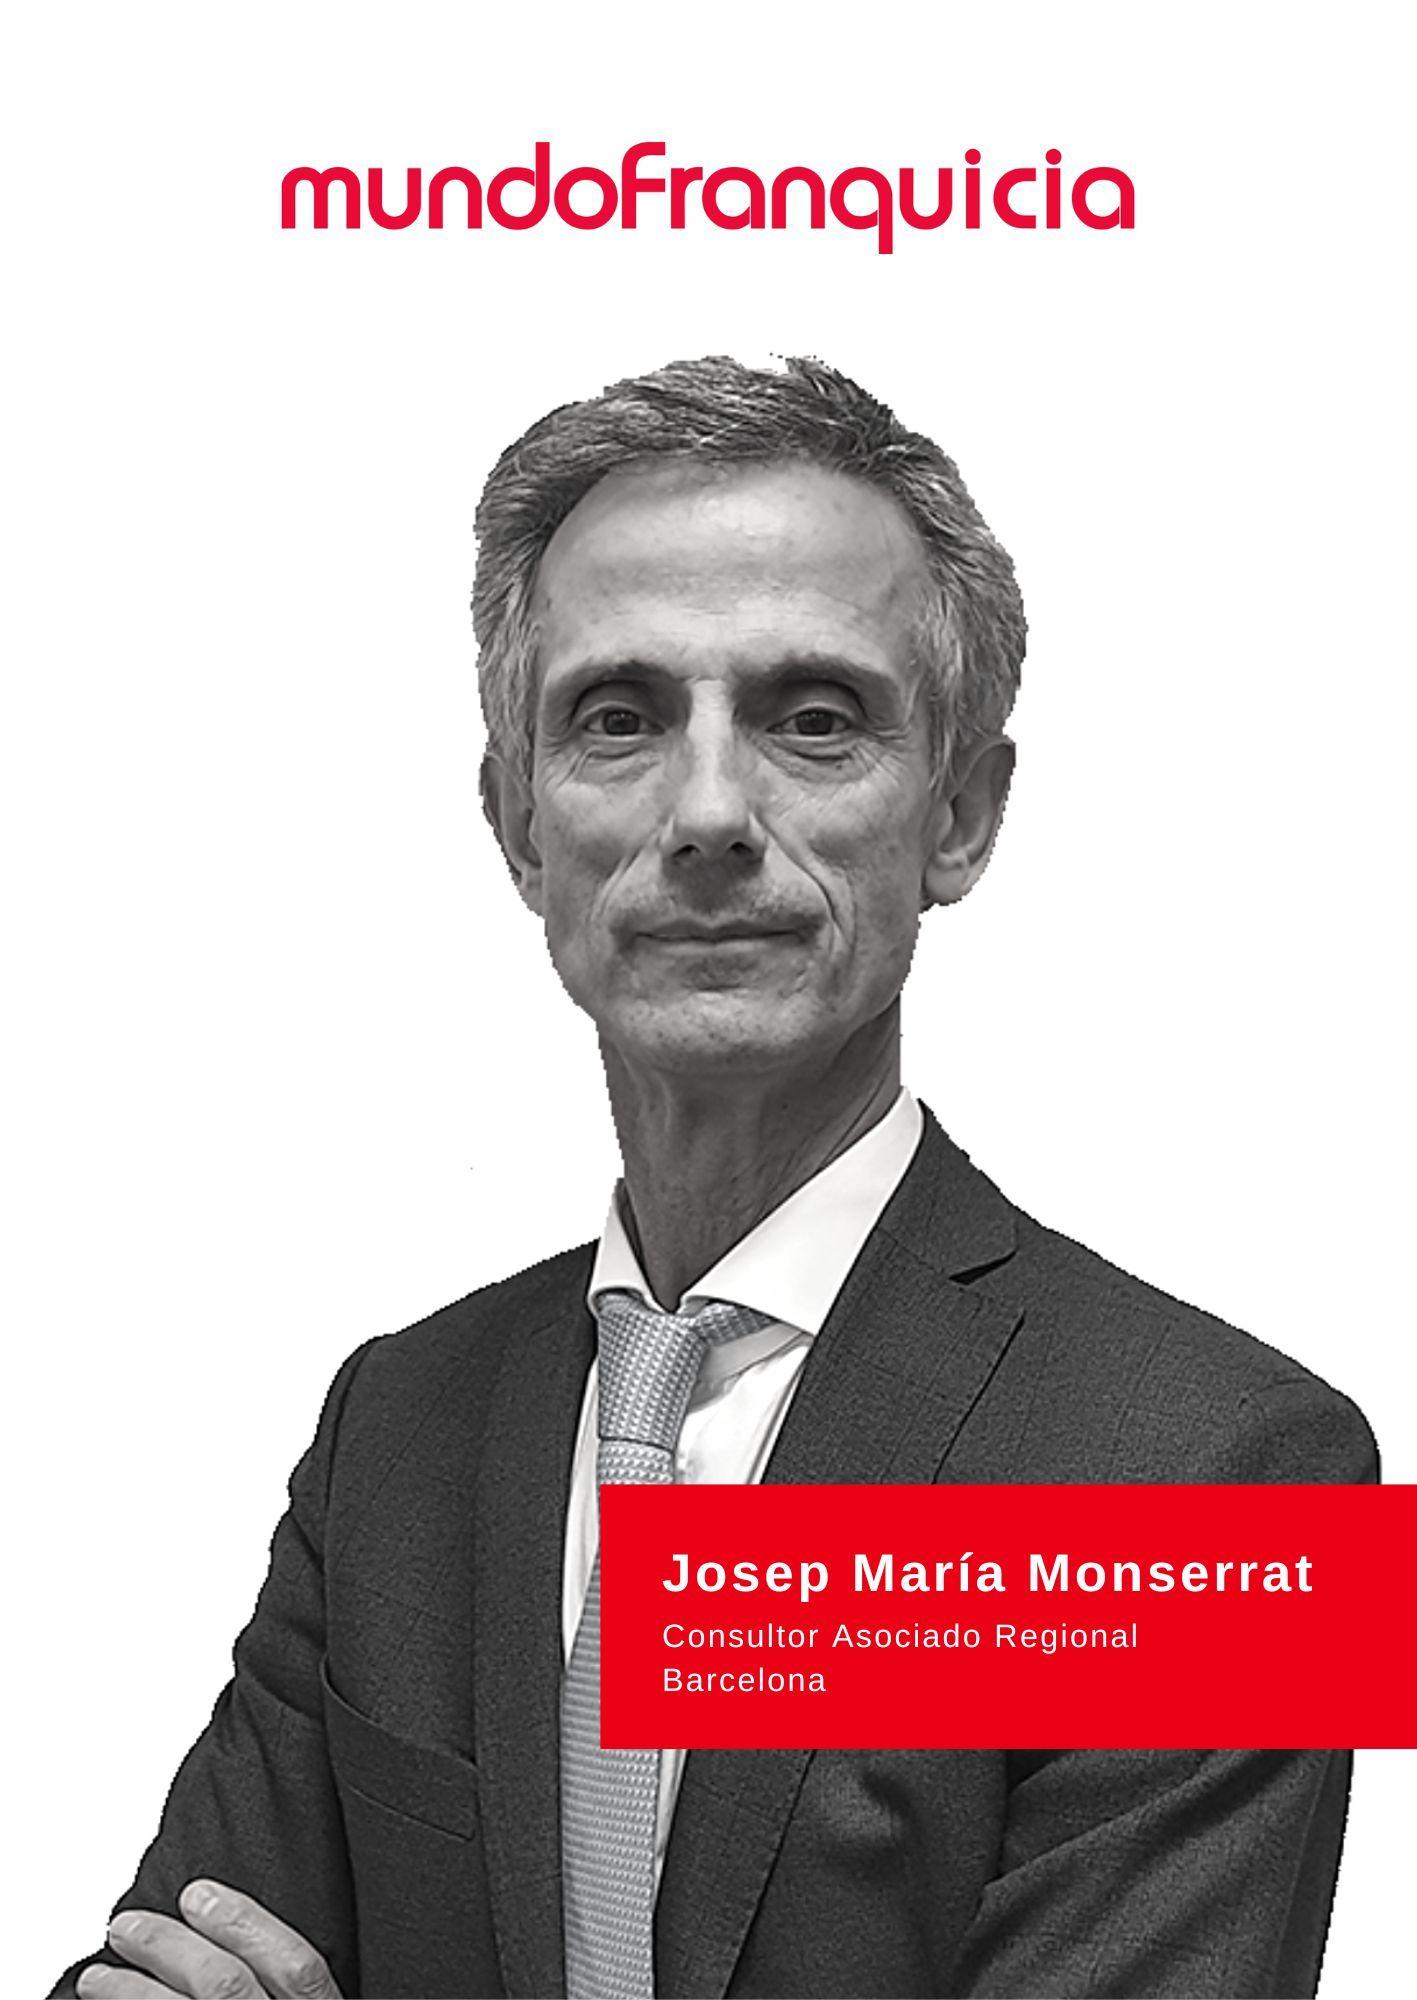 Josep María Monserrat